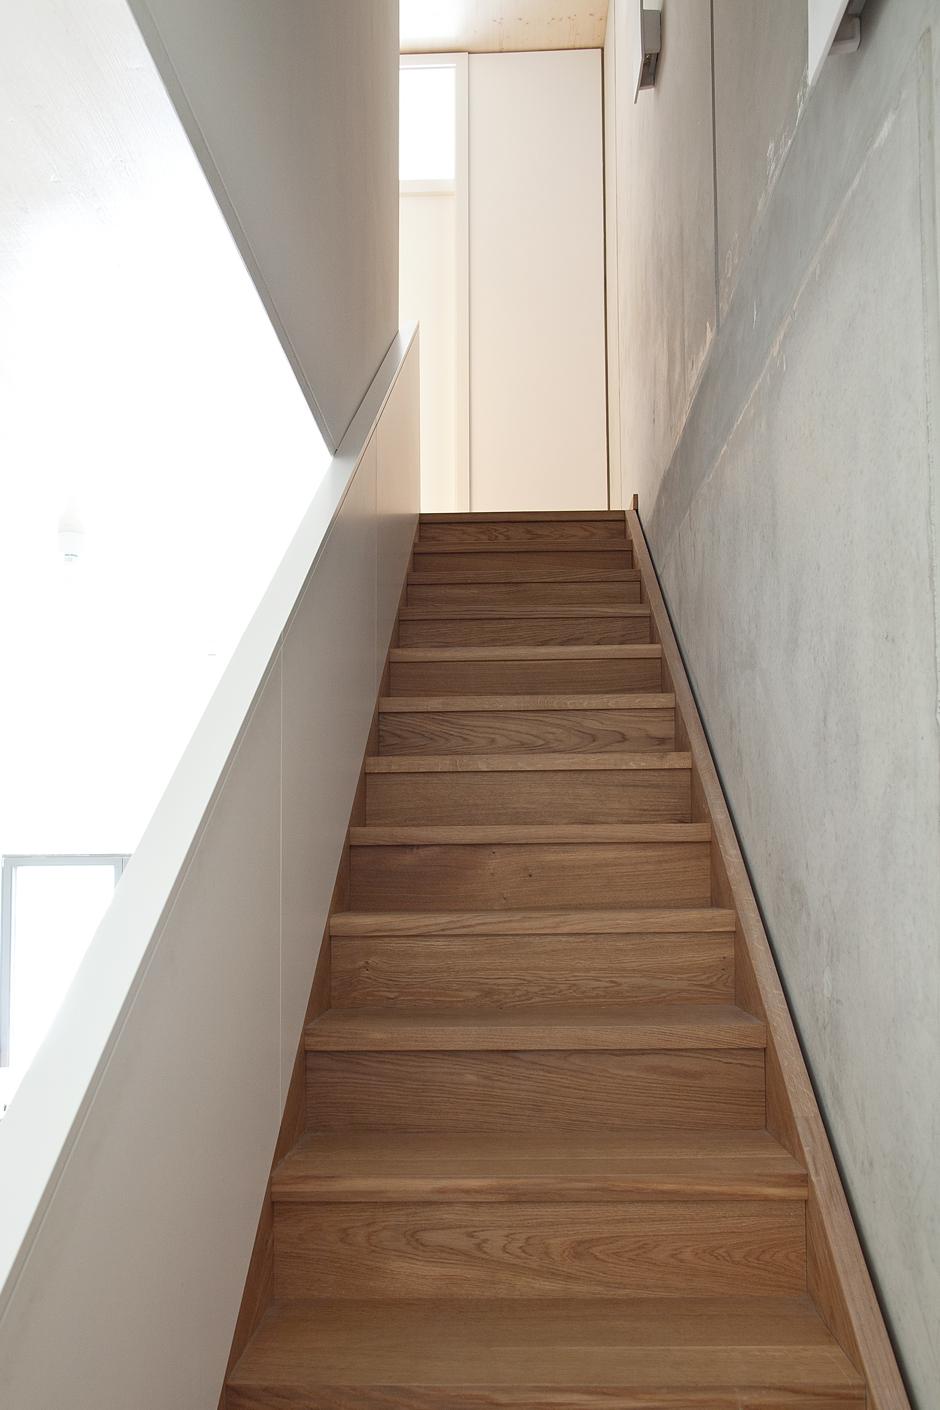 boyenstr-küche-zeile-unter-treppe-ansicht-treppe2.jpg